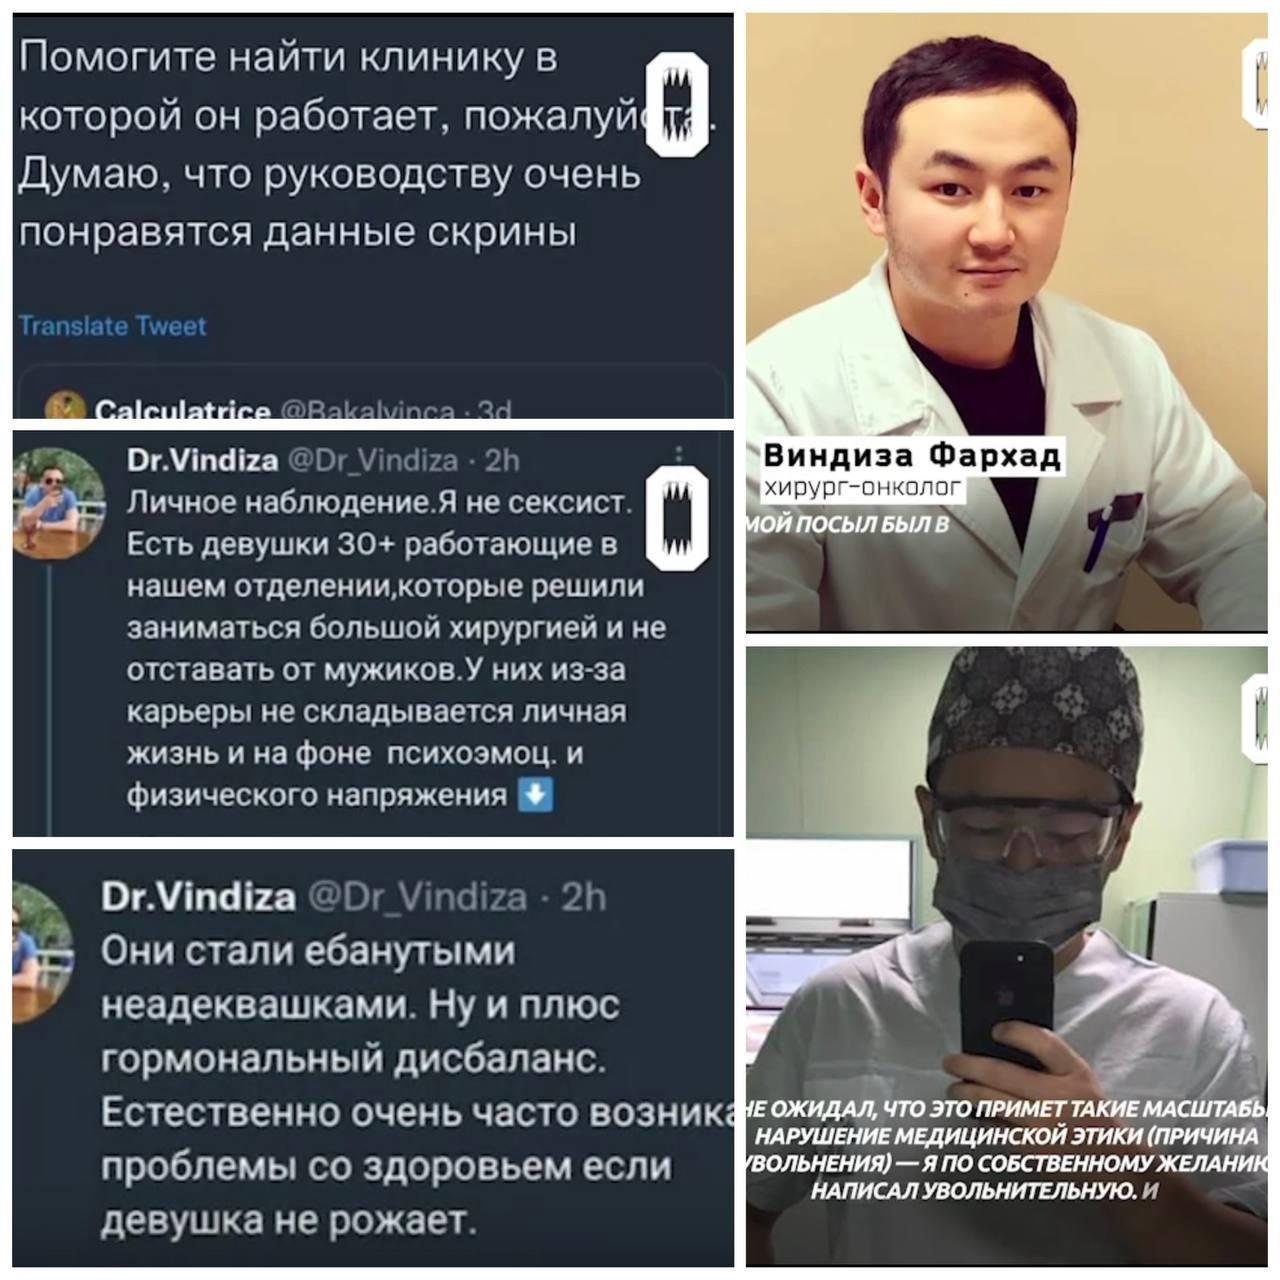 «Становятся еб***тыми неадеквашками»: Онколог уволился после твитов о женщинах-хирургах